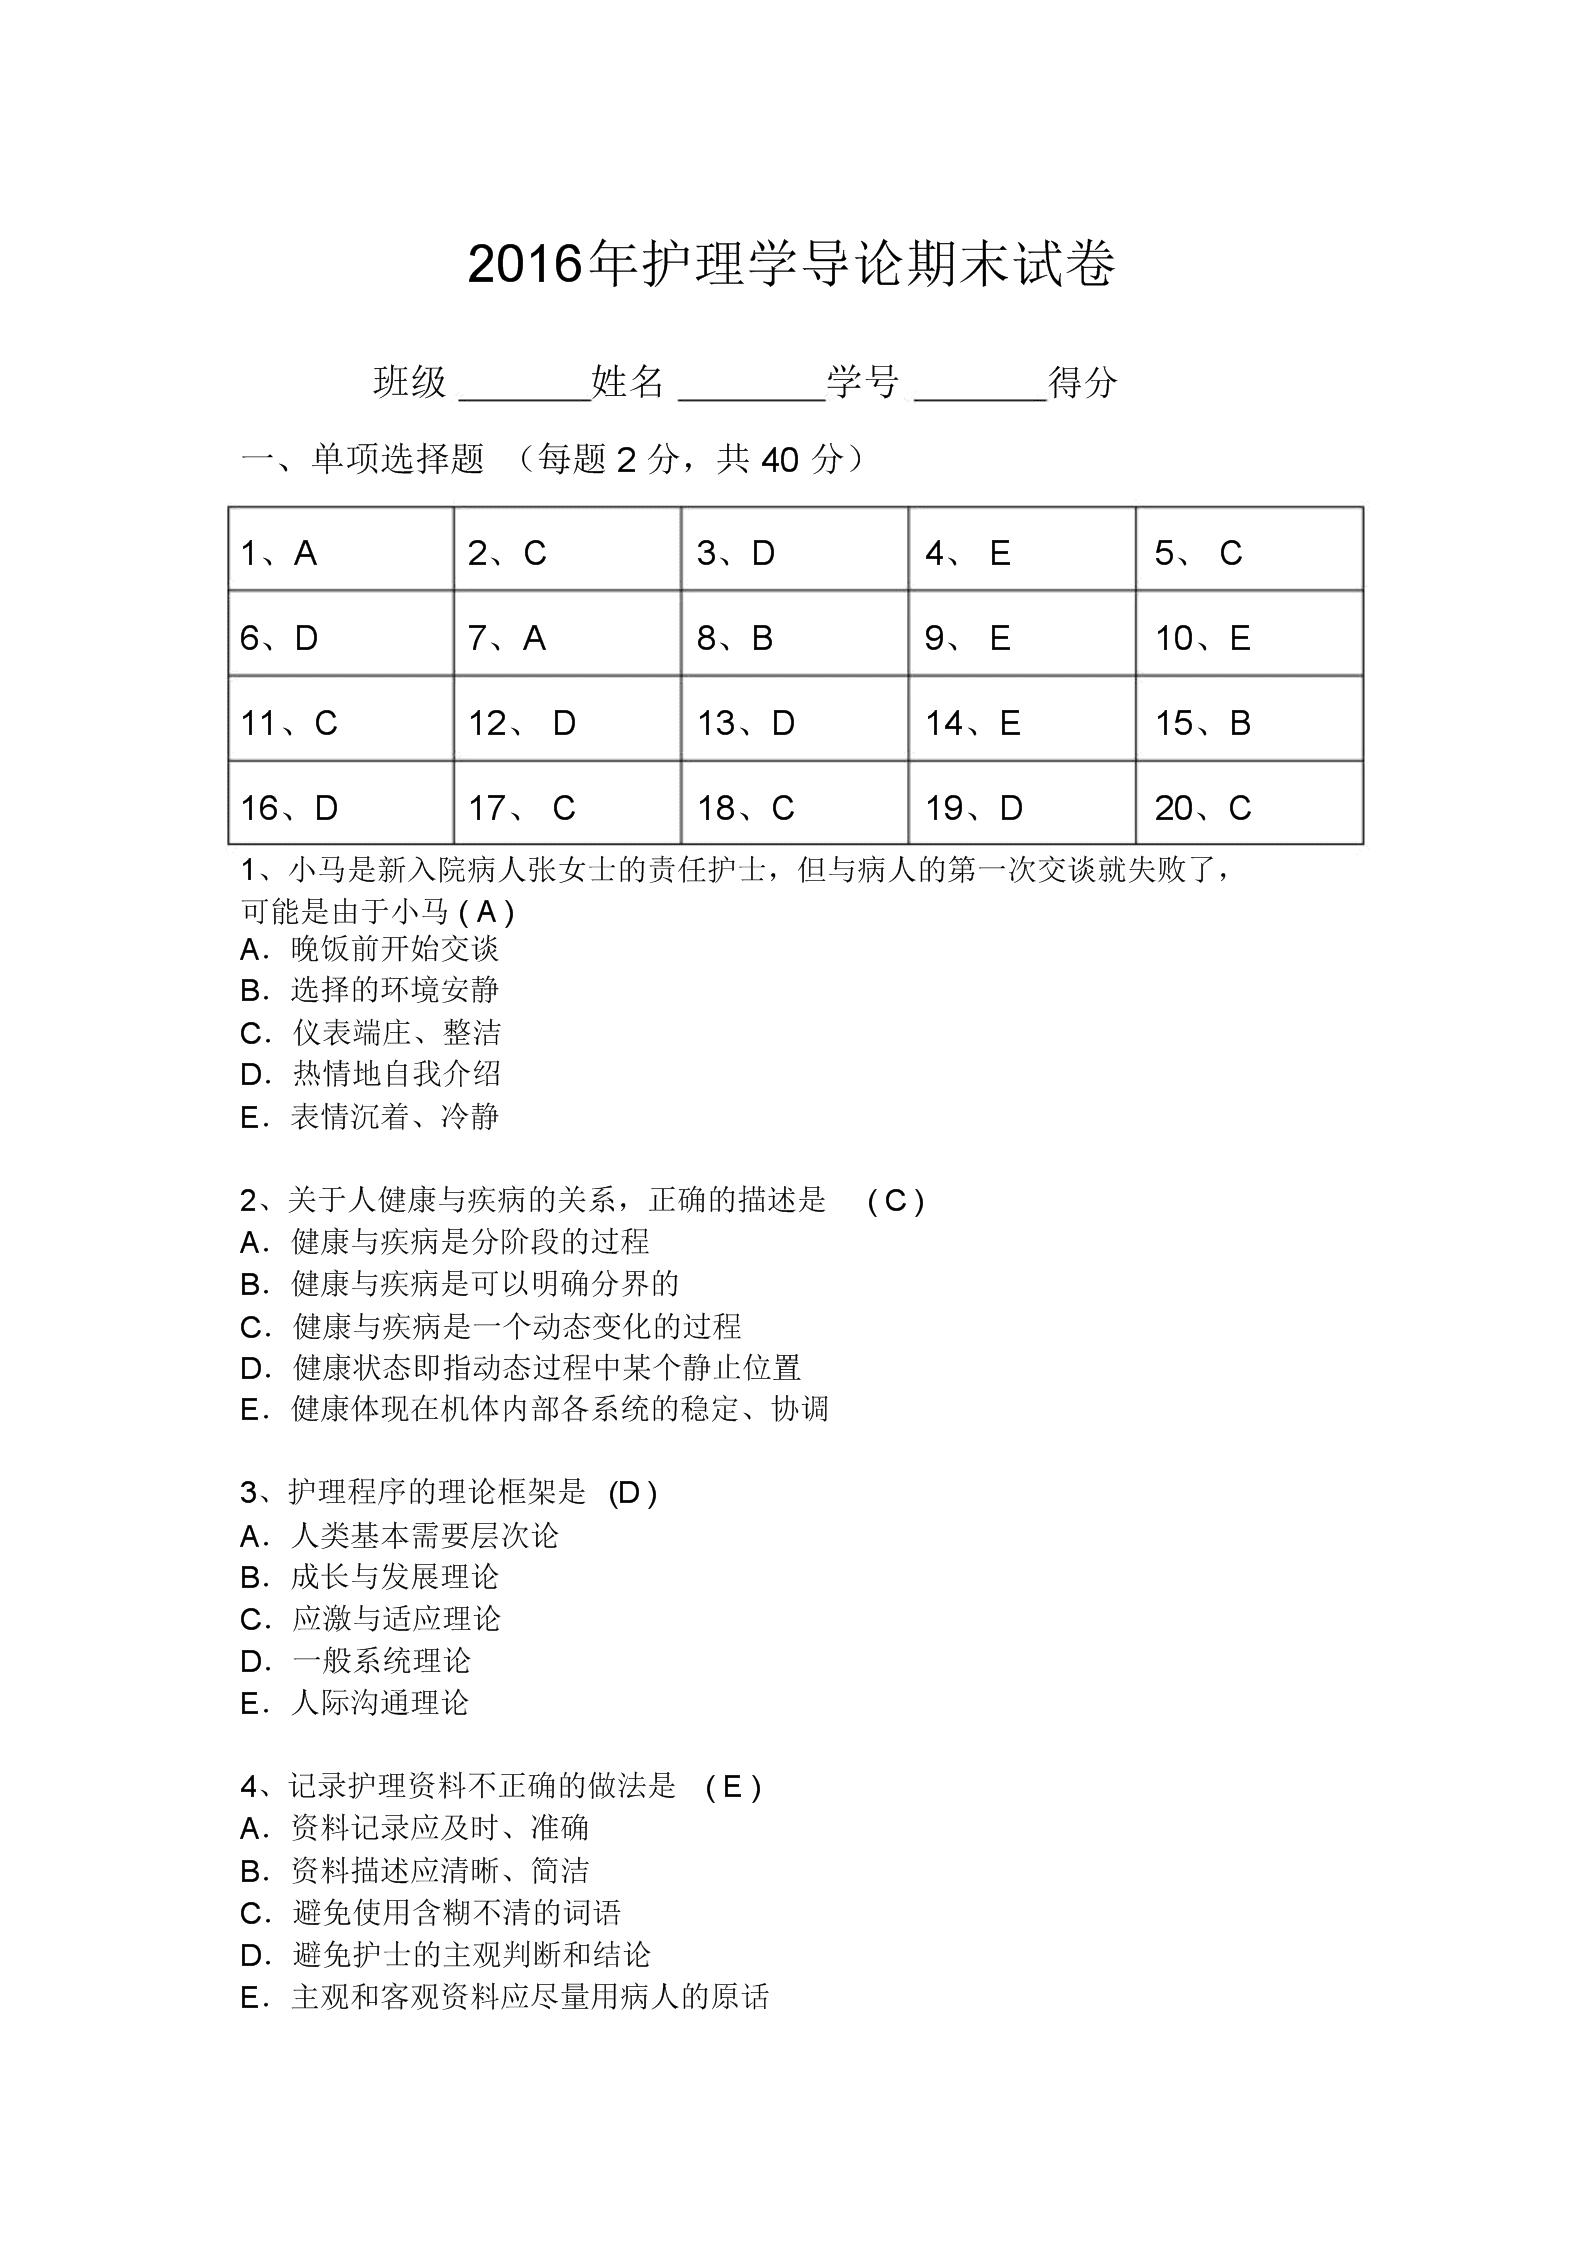 护理学导论习题.docx